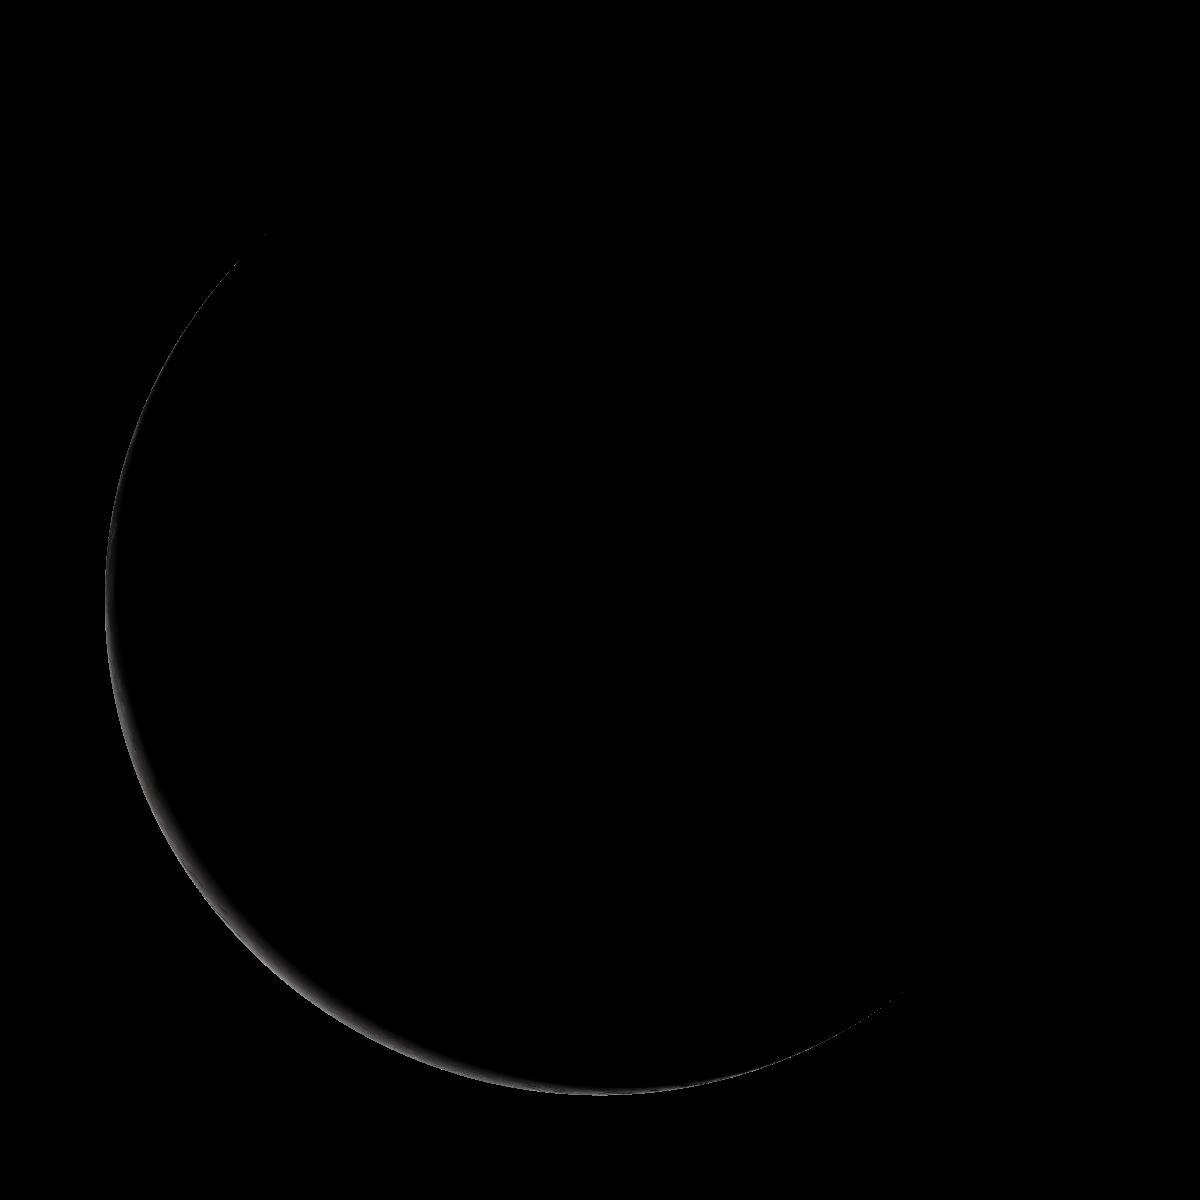 Lune du 27 octobre 2019